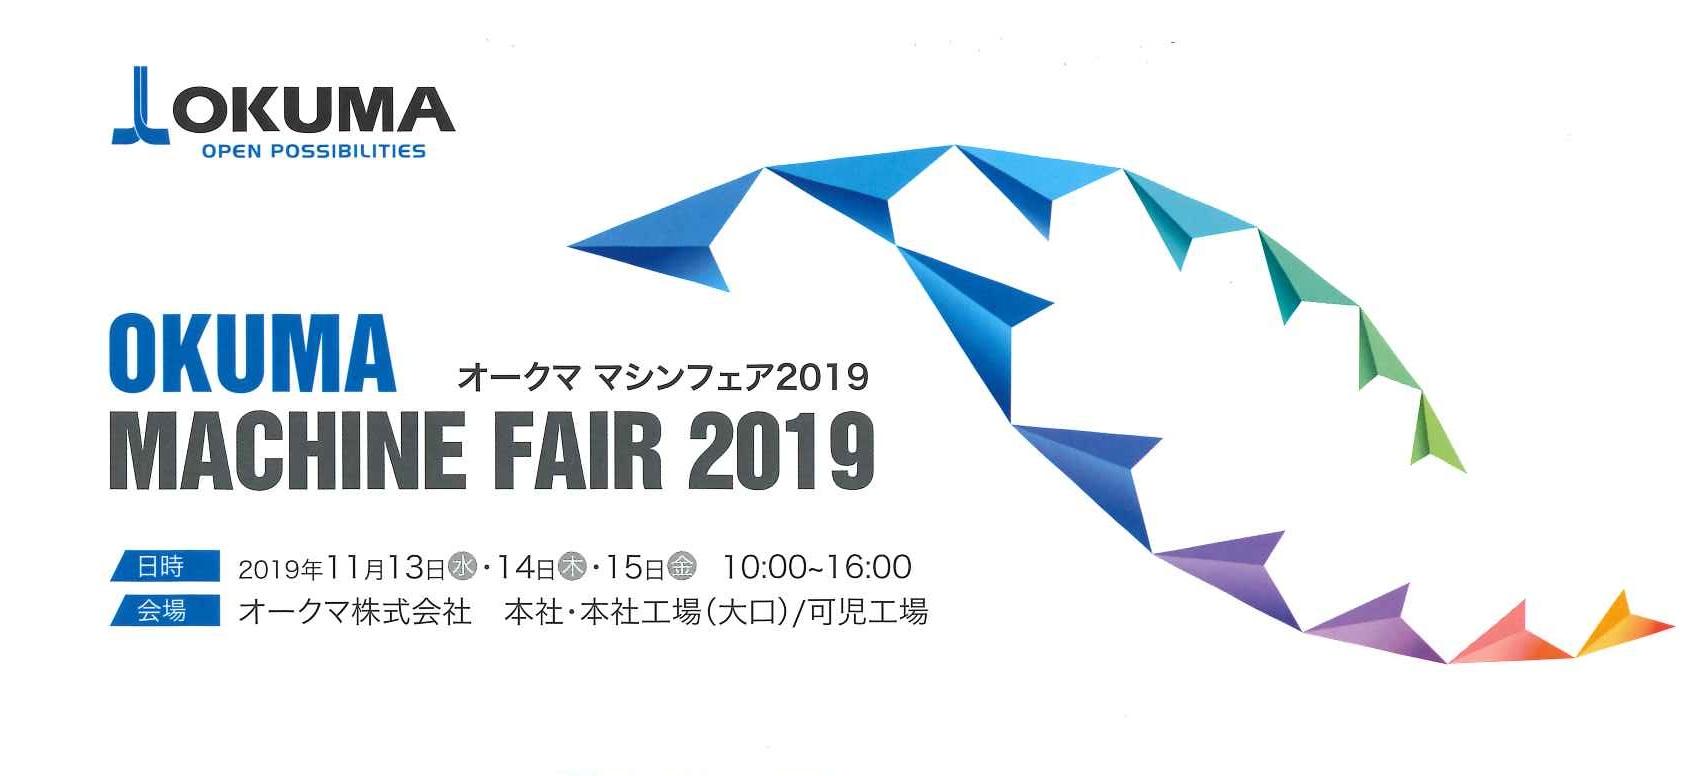 オークマ「OKUMA MACHINE FAIR 2019 展示会見学ツアー」開催のお知らせ